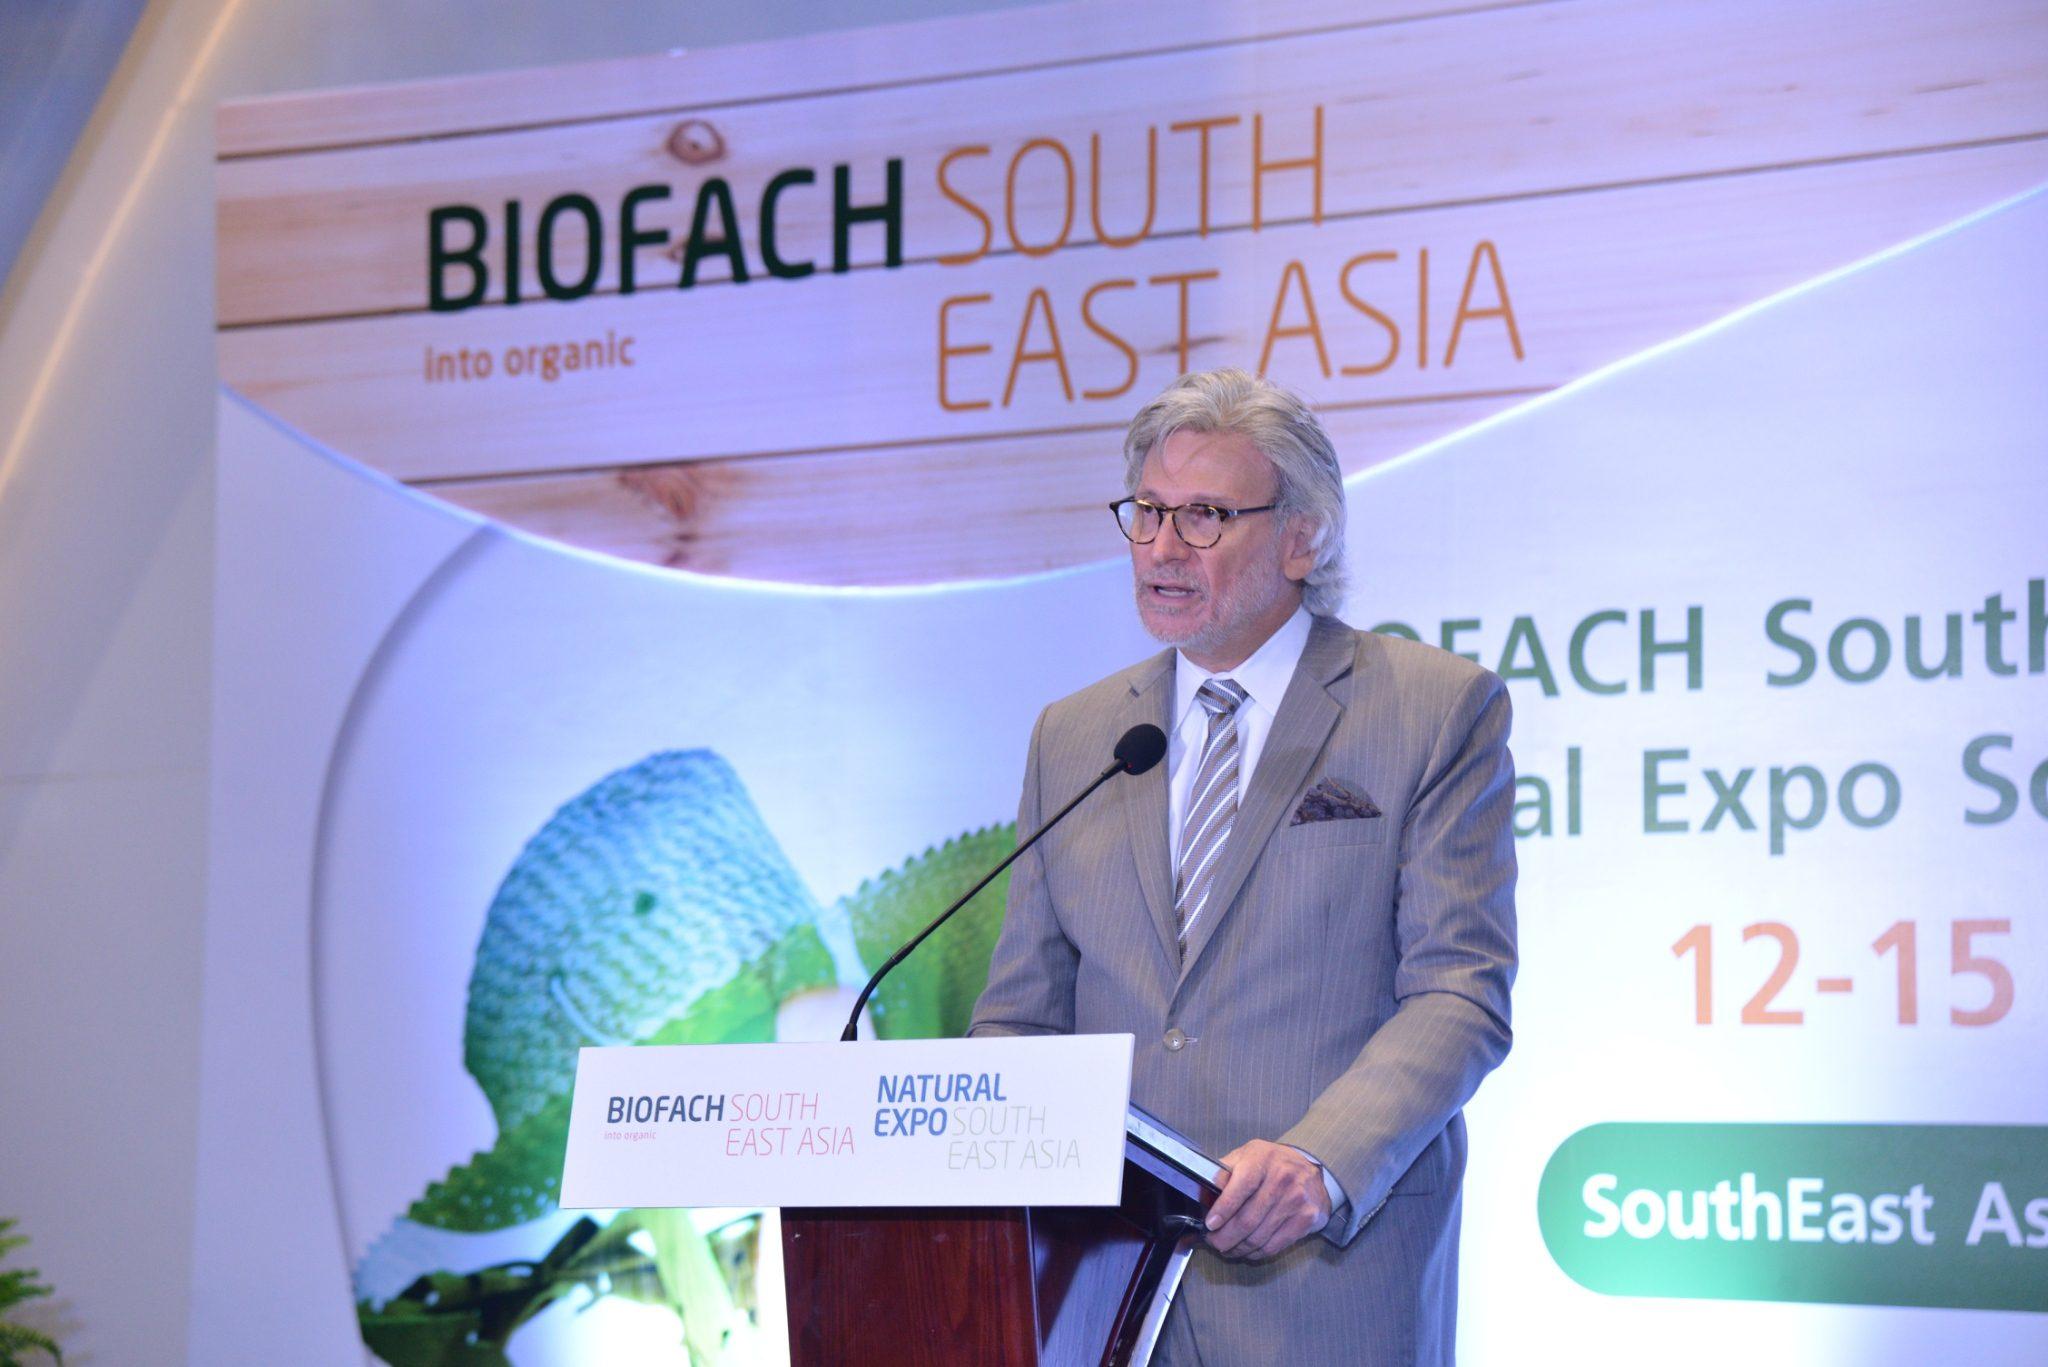 """กรมการค้าภายใน ชวนฟังสัมมนาเปิดความรู้ ติดอาวุธออร์แกนิคไทย ดังไกลทั่วโลก  ในงาน """"BIOFACH Southeast Asia 2019 และ Natural Expo Southeast Asia 2019"""""""